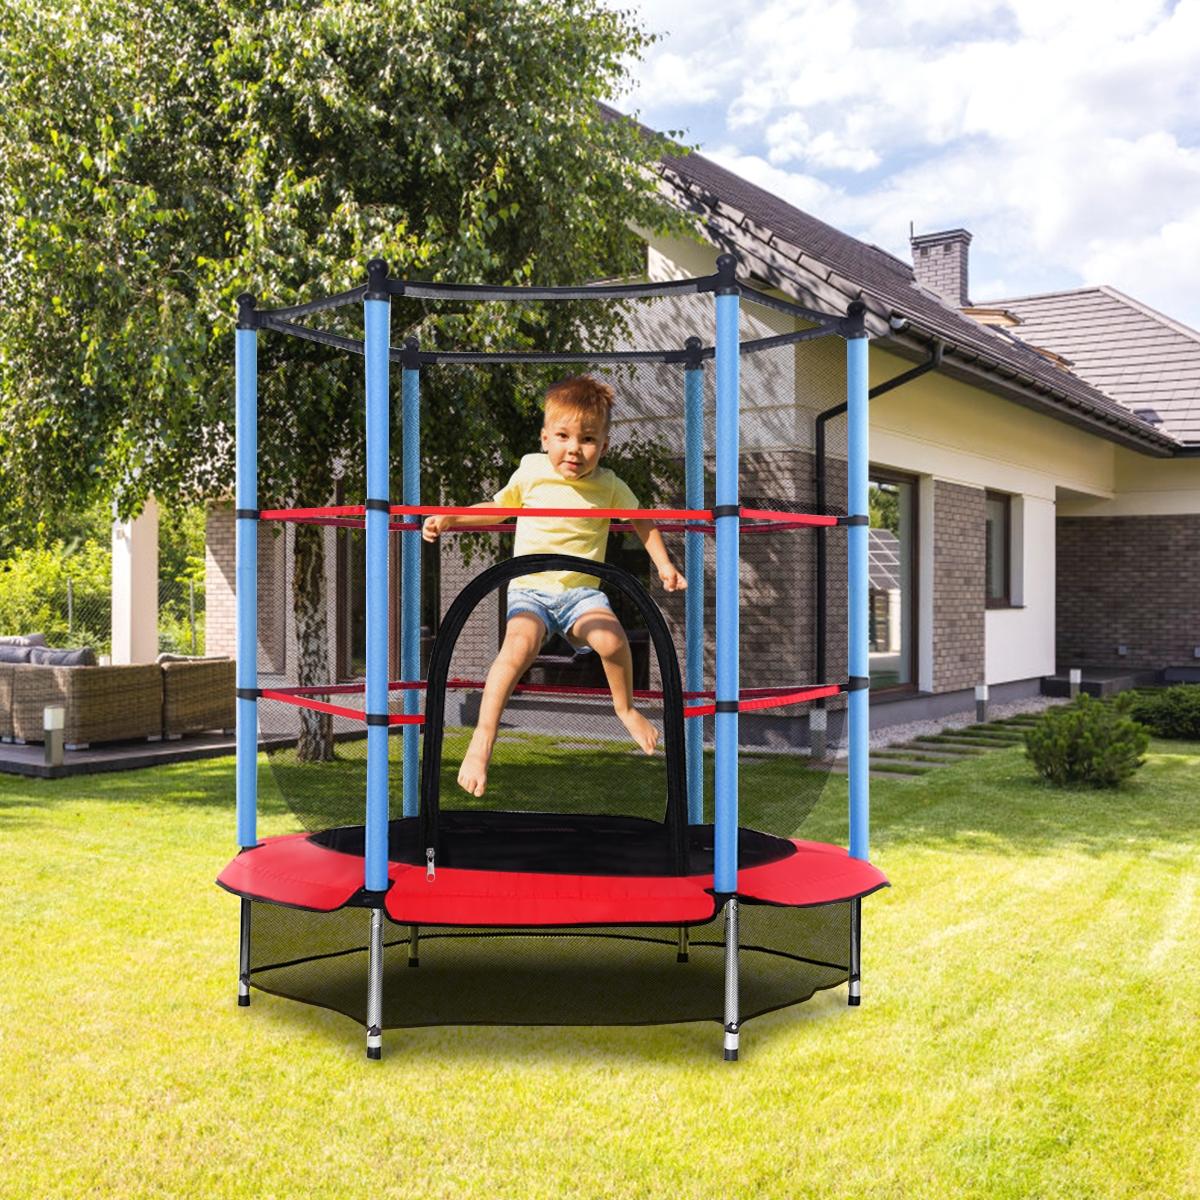 Trampolín con Red de Protección y Muelles Cama Elástica Redonda para Uso Interior y Exterior para Niños 140 x 163 cm